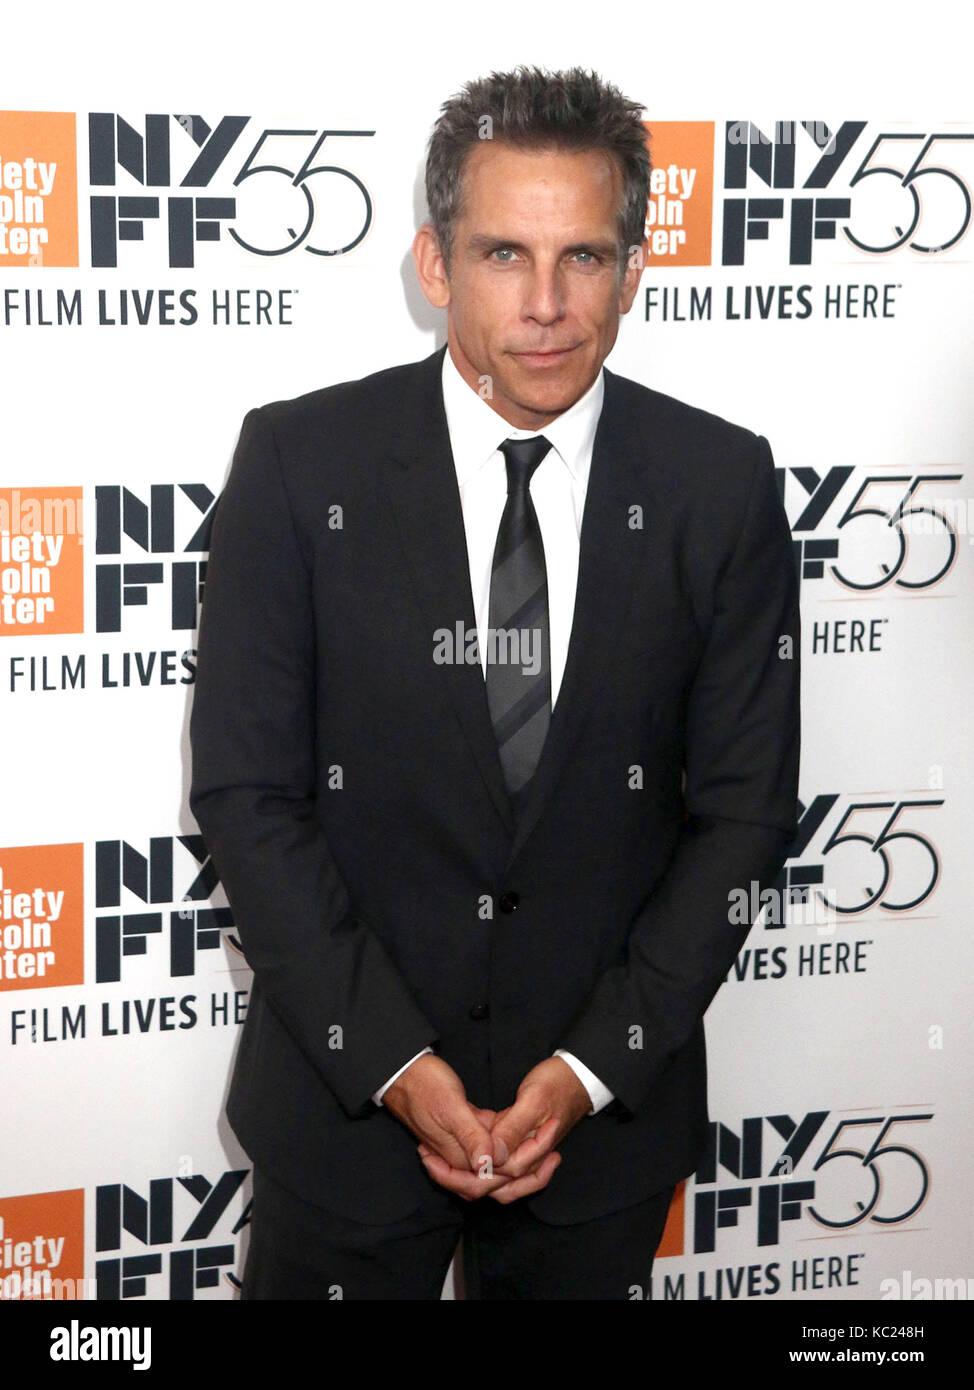 New York, New York, USA. 1. Okt 2017. Schauspieler Ben Stiller besucht die 55th New York Film Festival Premiere Stockfoto